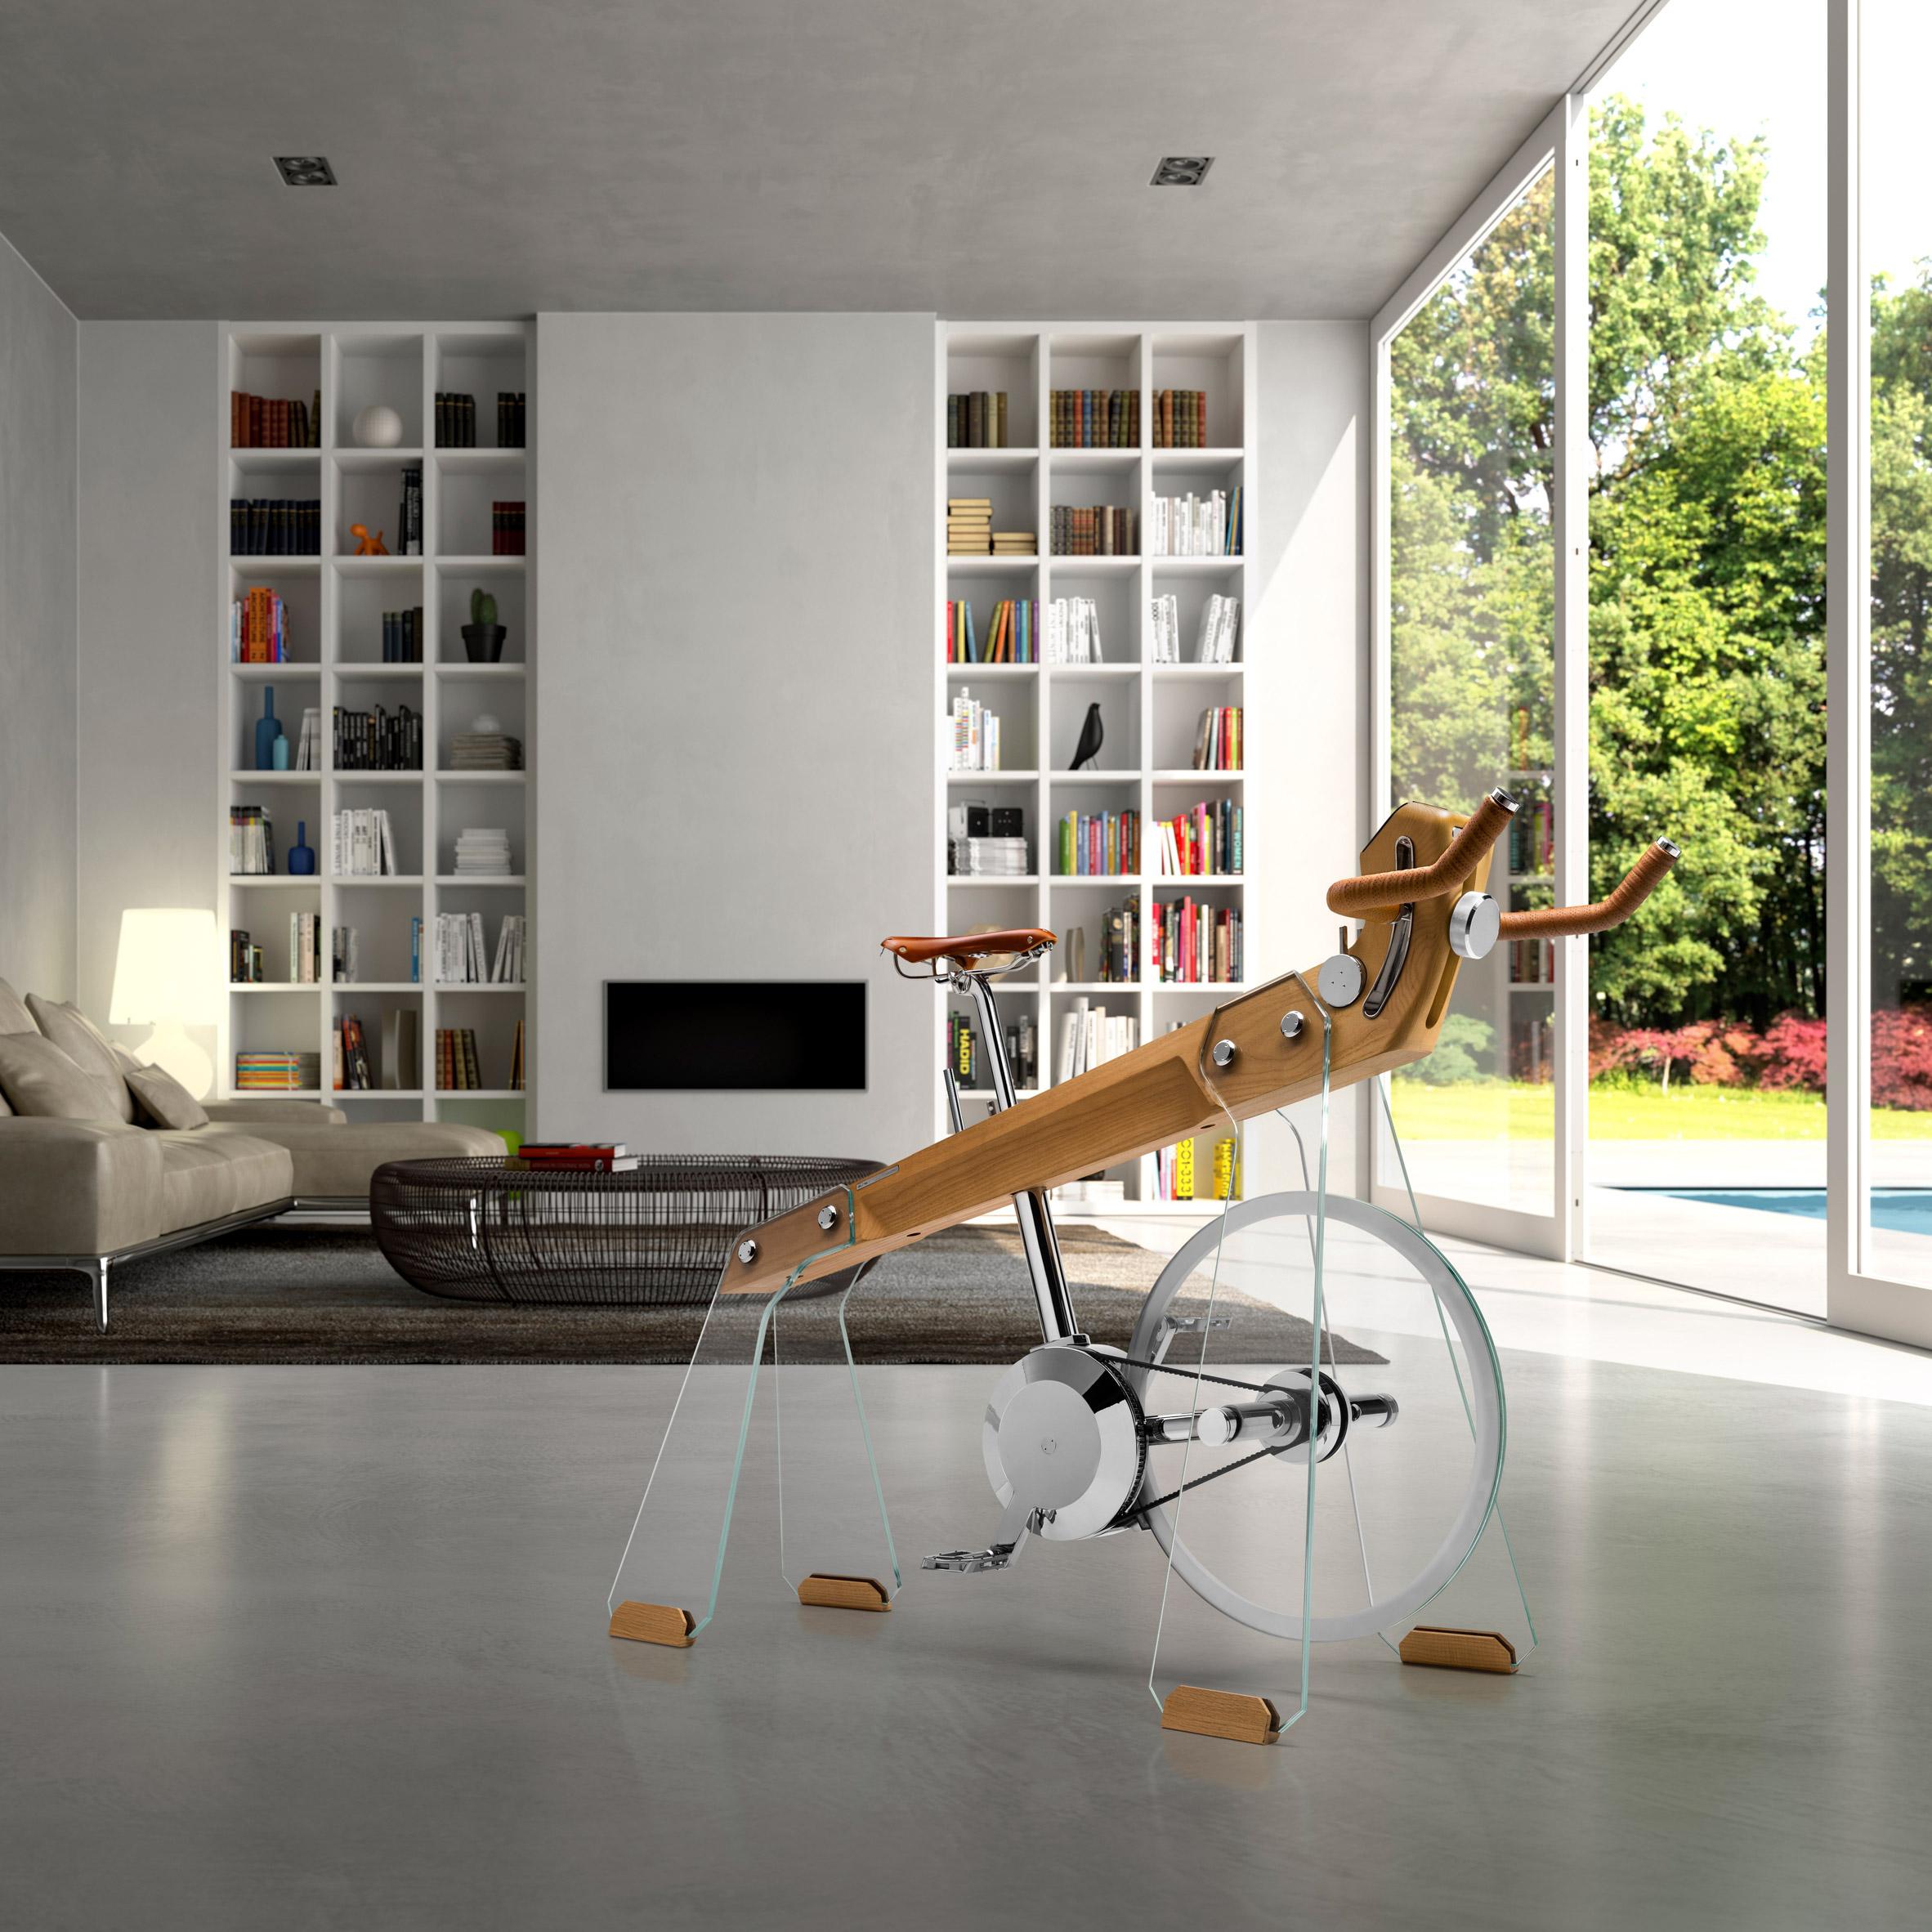 Fuoripista bike in a living room interior